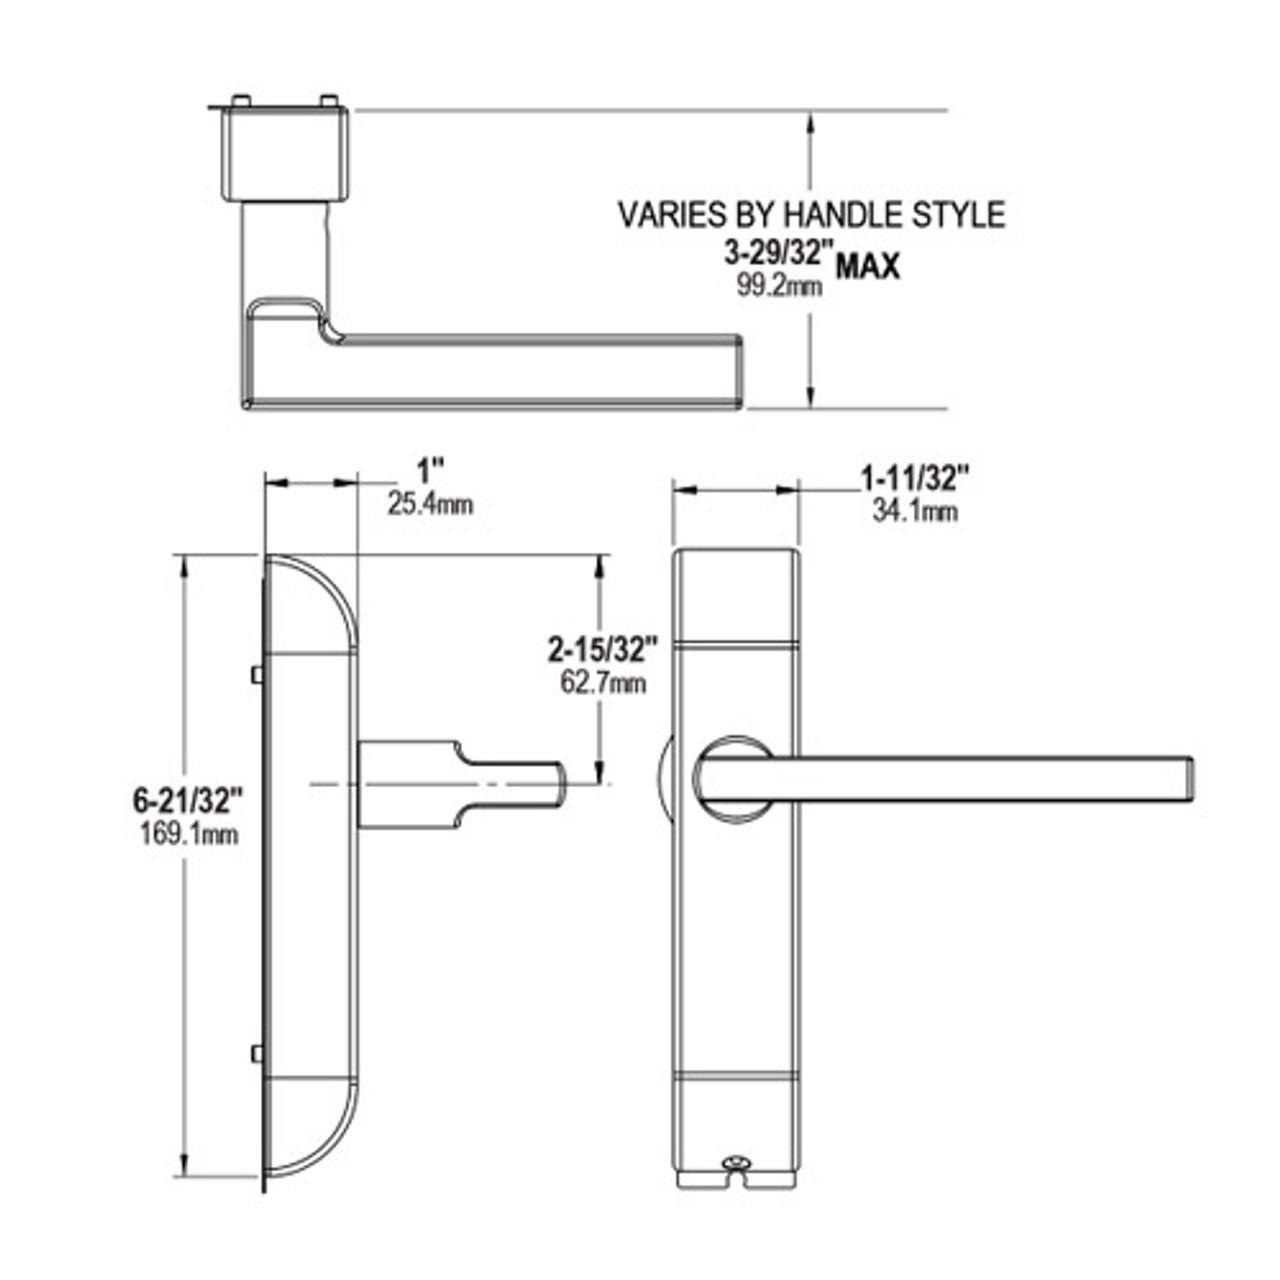 4600M-MJ-652-US4 Adams Rite MJ Designer handle Dimensional View